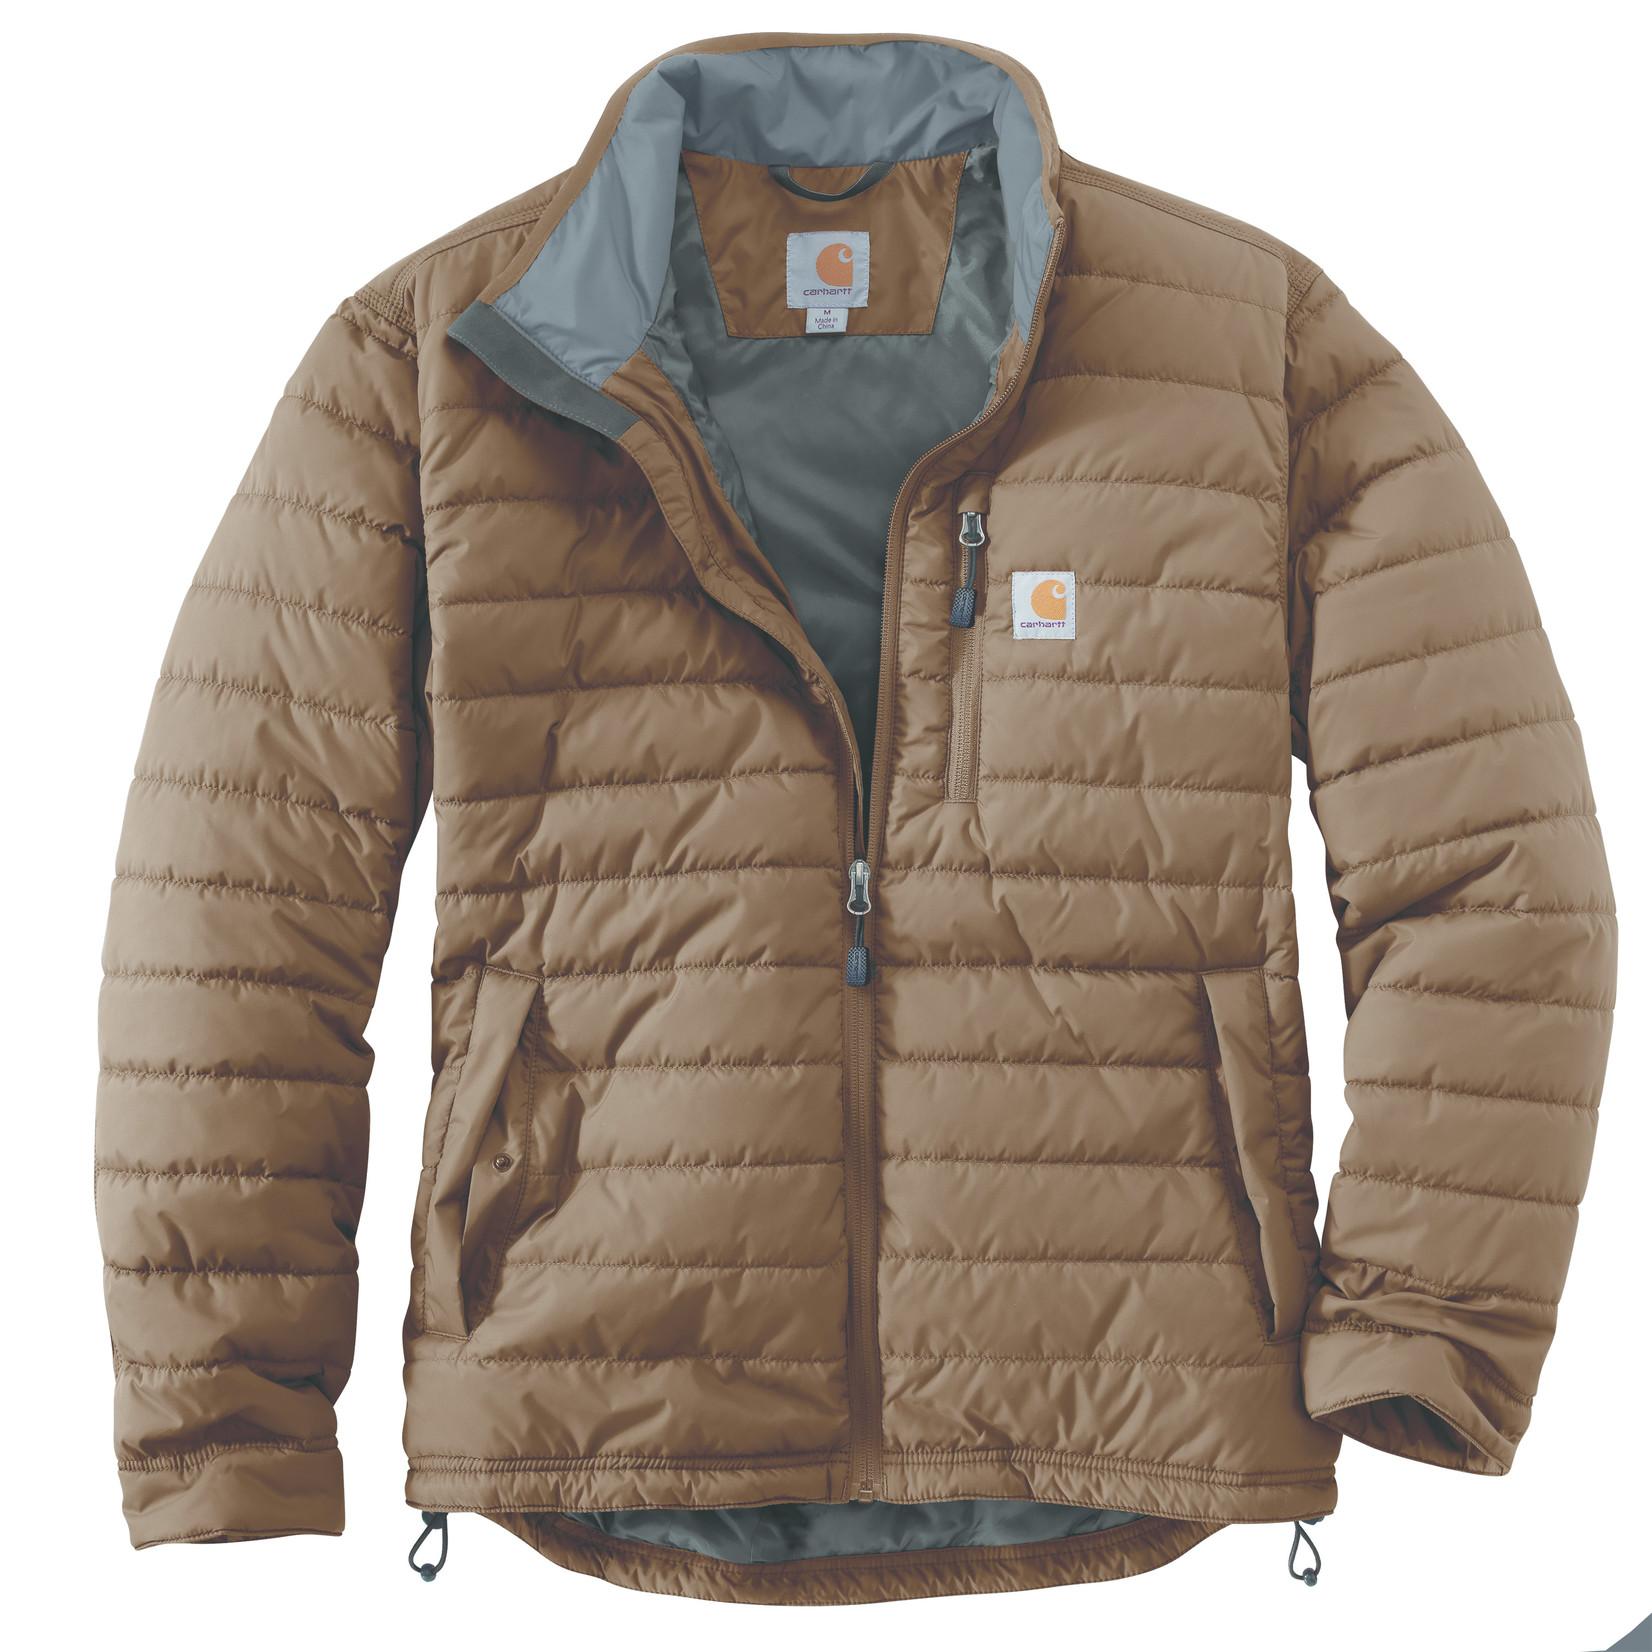 Carhartt Carhartt 102208 Light-Weight Insulated Jacket